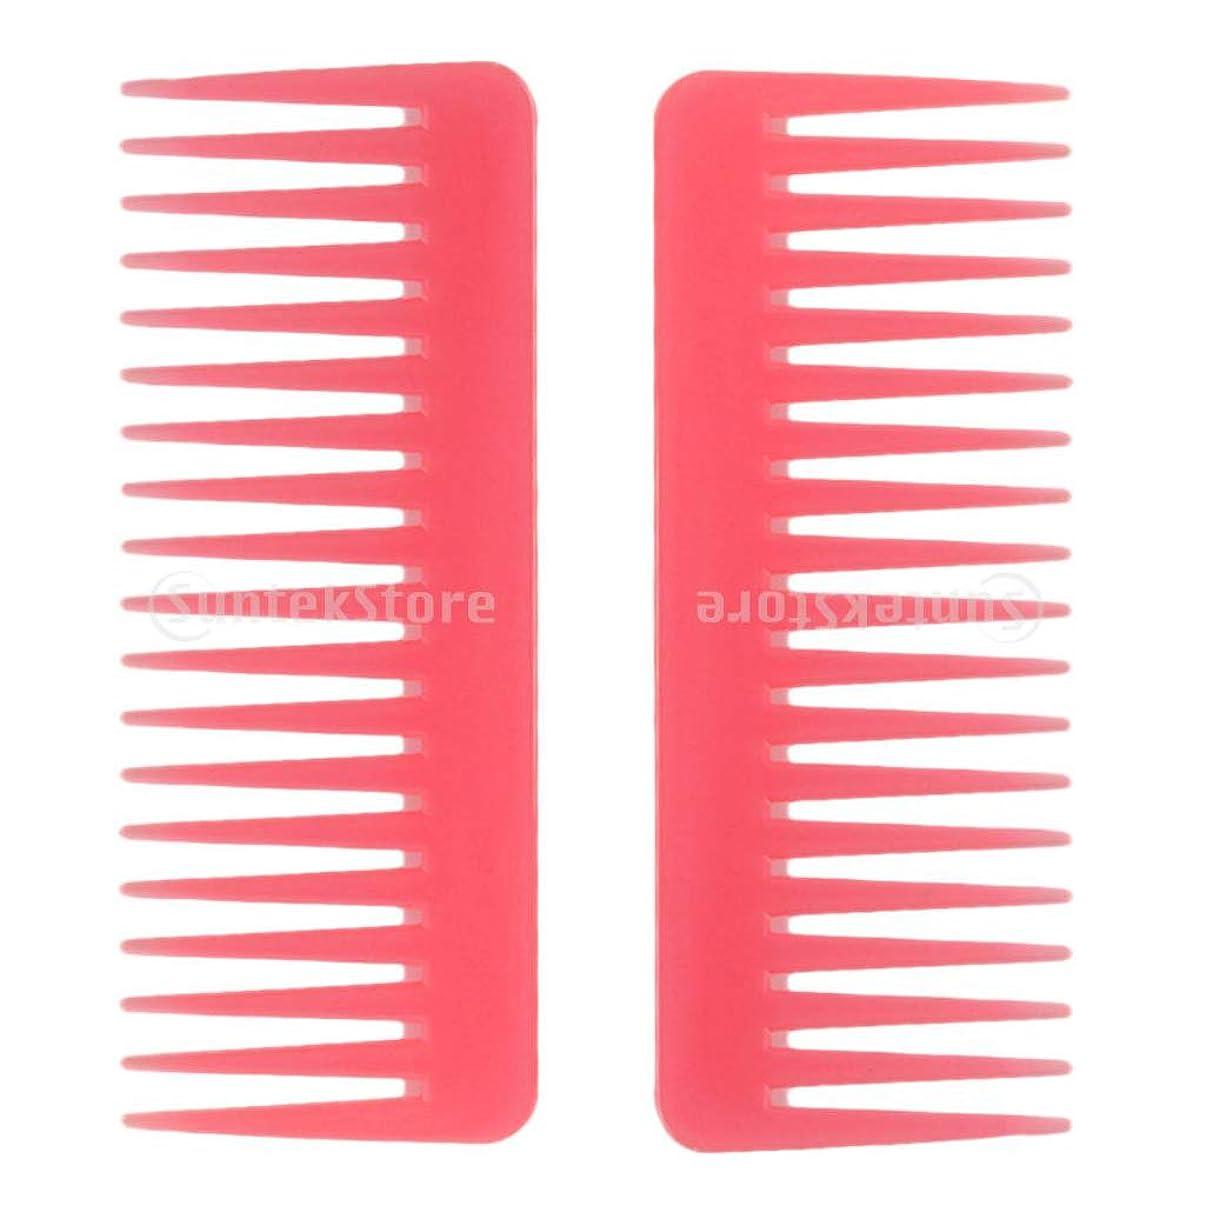 リルエネルギーアリT TOOYFUL ヘアコーム 広い歯コーム 櫛 ヘアケア ヘアスタイリング用品 プラスチック 理髪店用品 2個入り